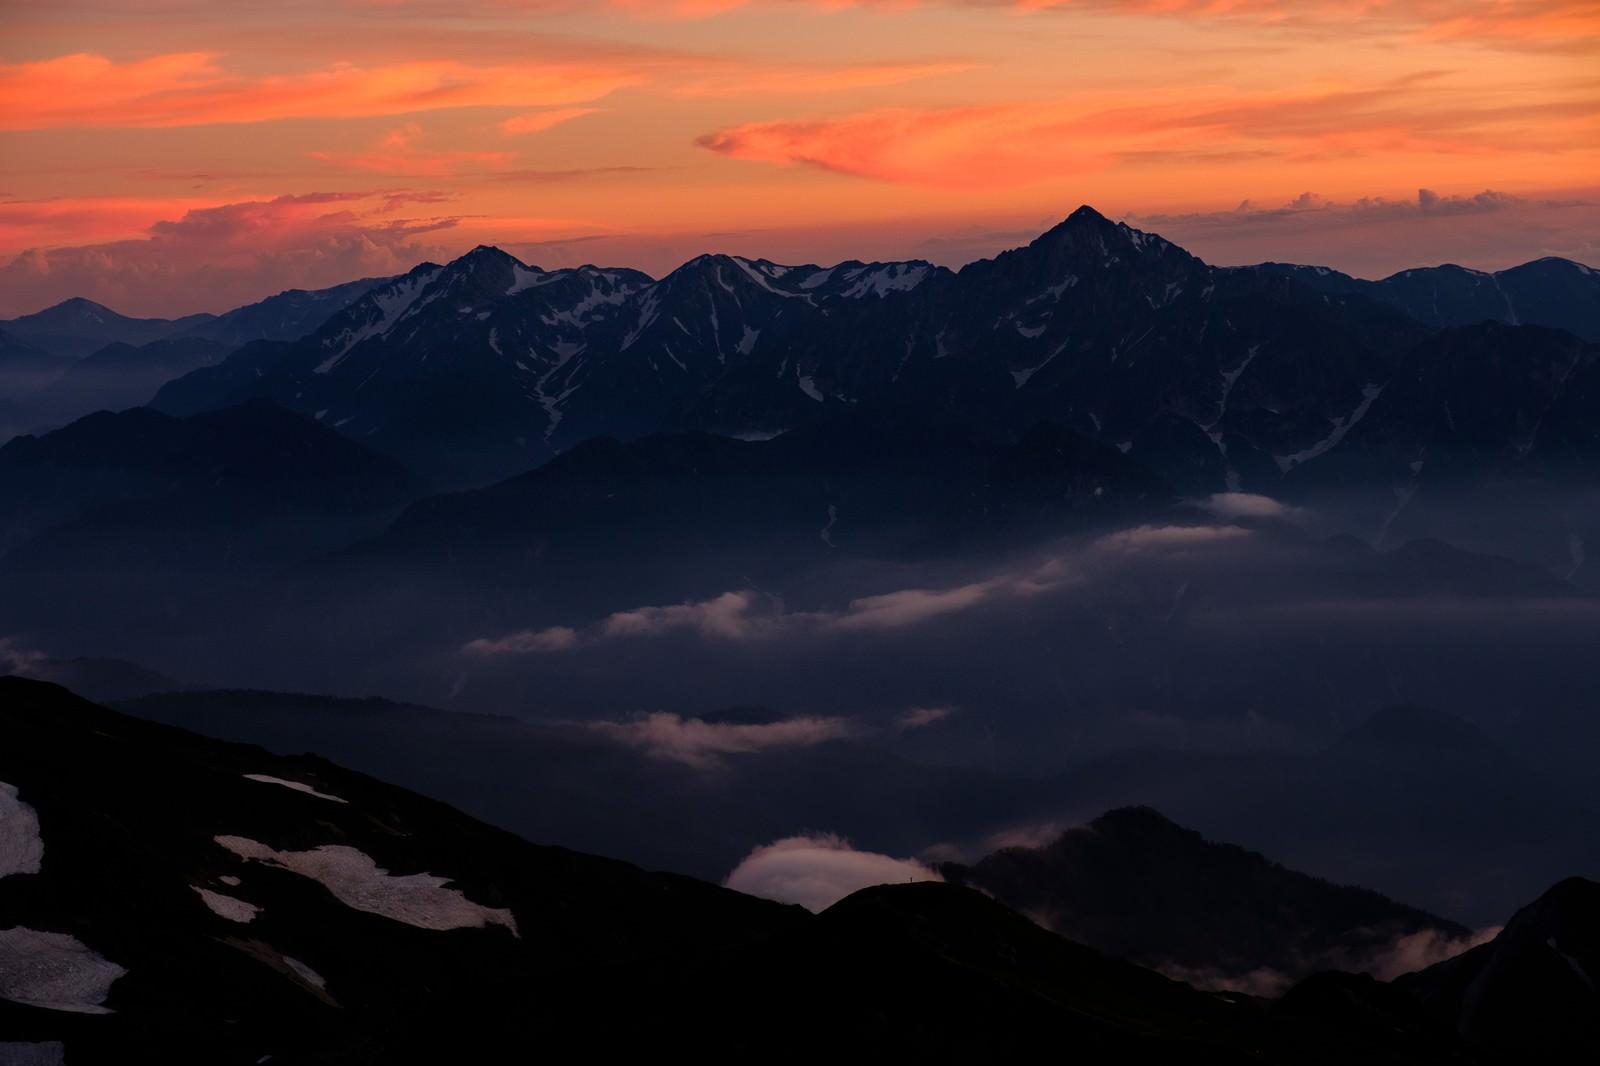 「白馬岳から望む夕日に染まる立山連峰」の写真